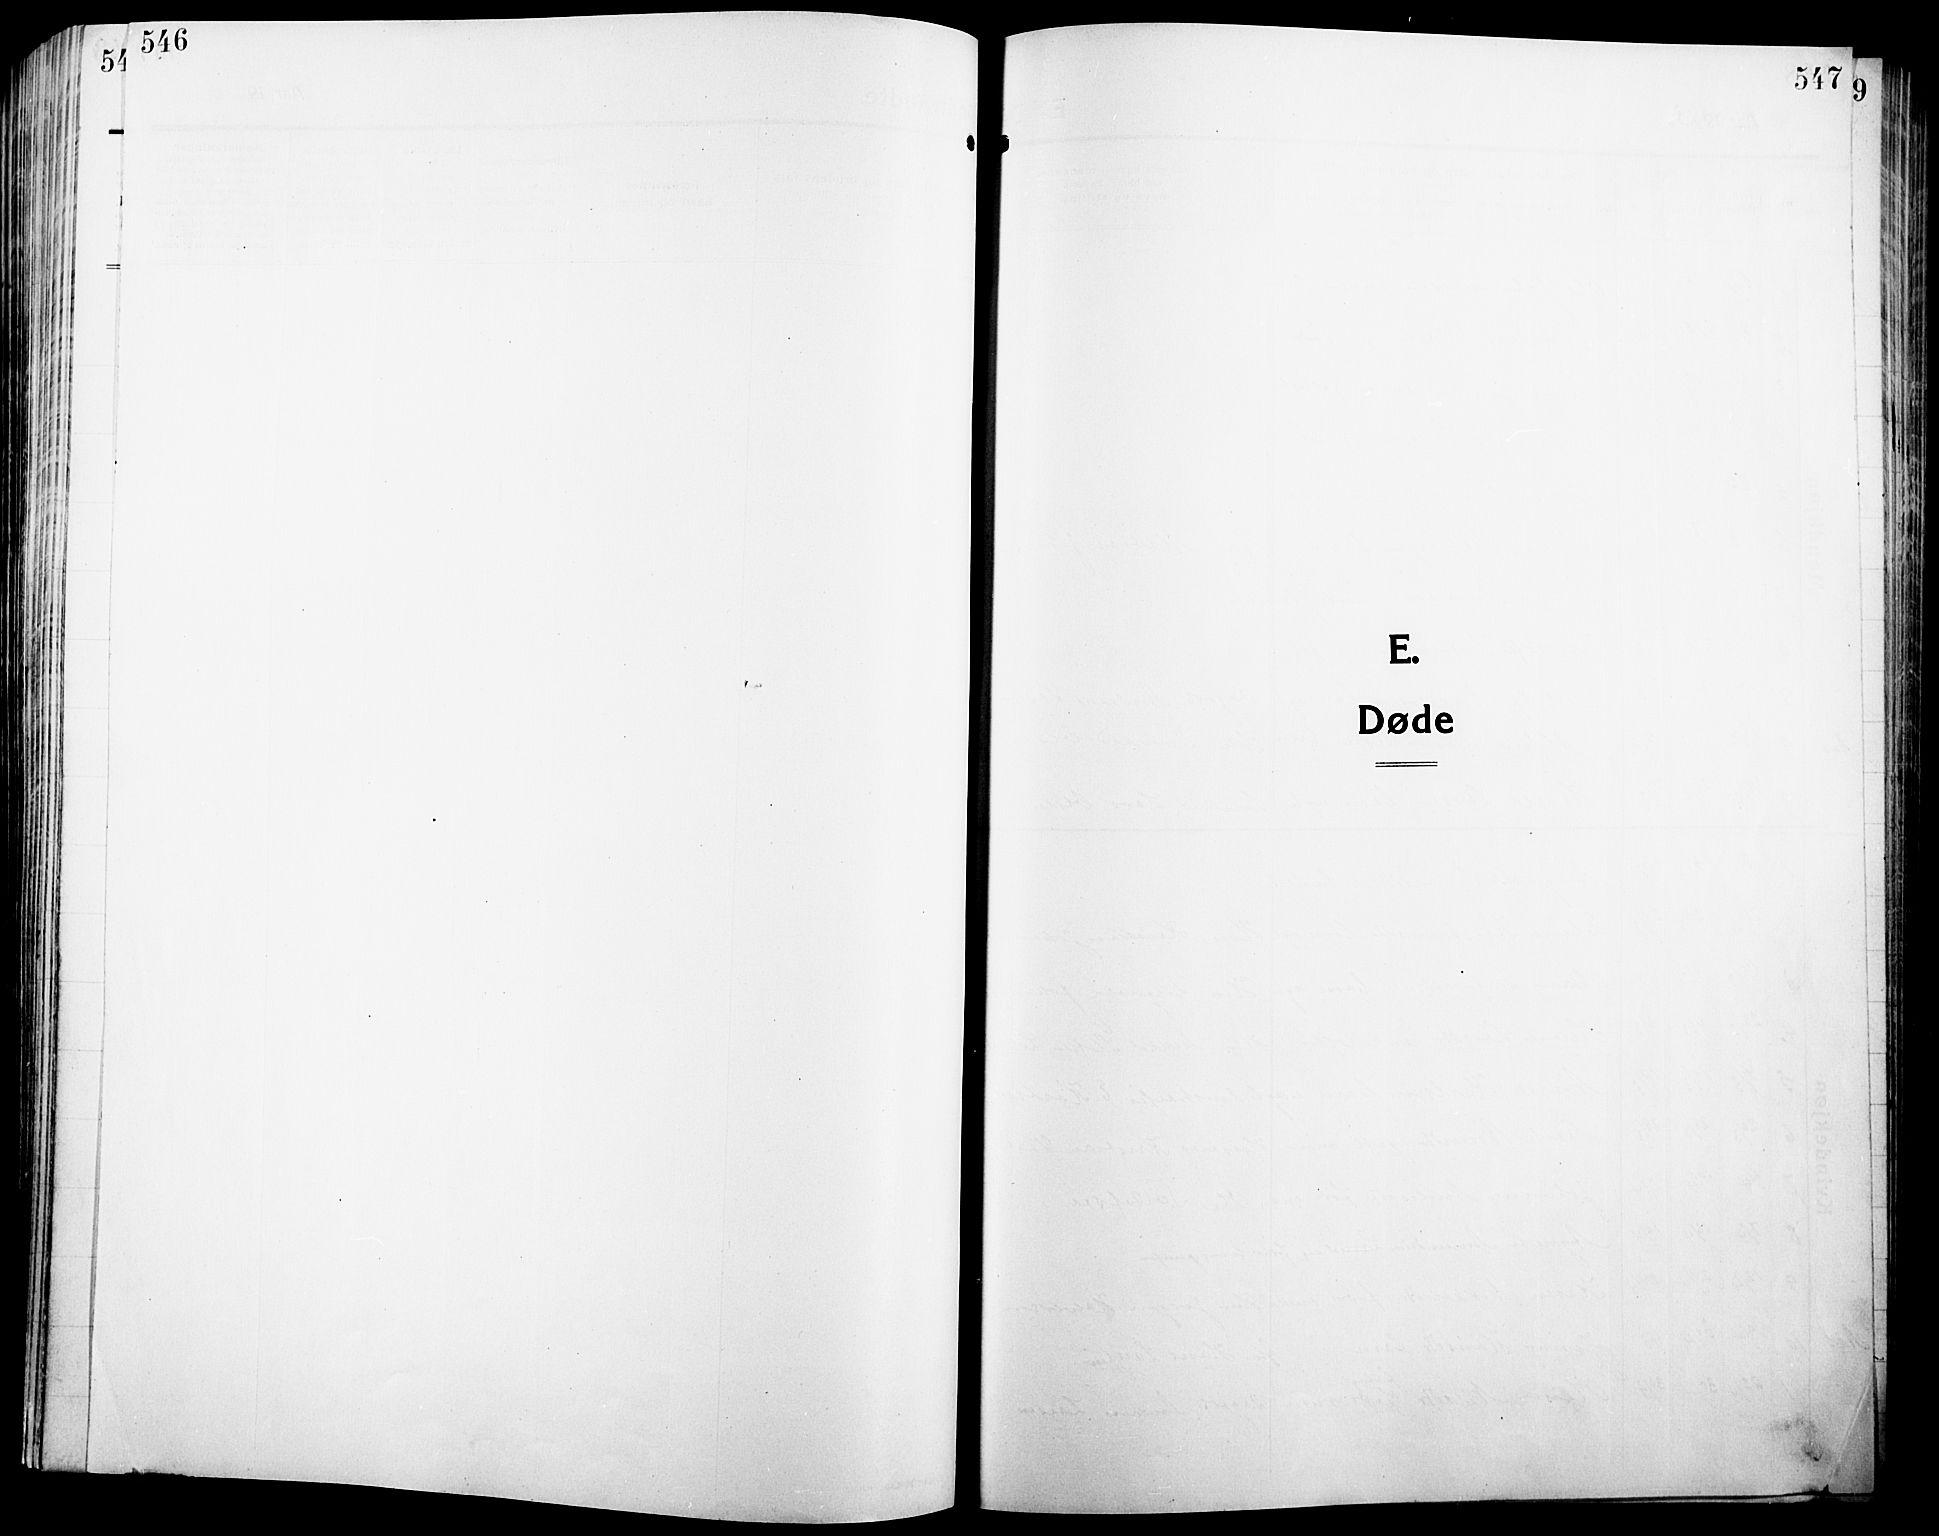 SAH, Ringsaker prestekontor, L/La/L0018: Klokkerbok nr. 18, 1913-1922, s. 546-547